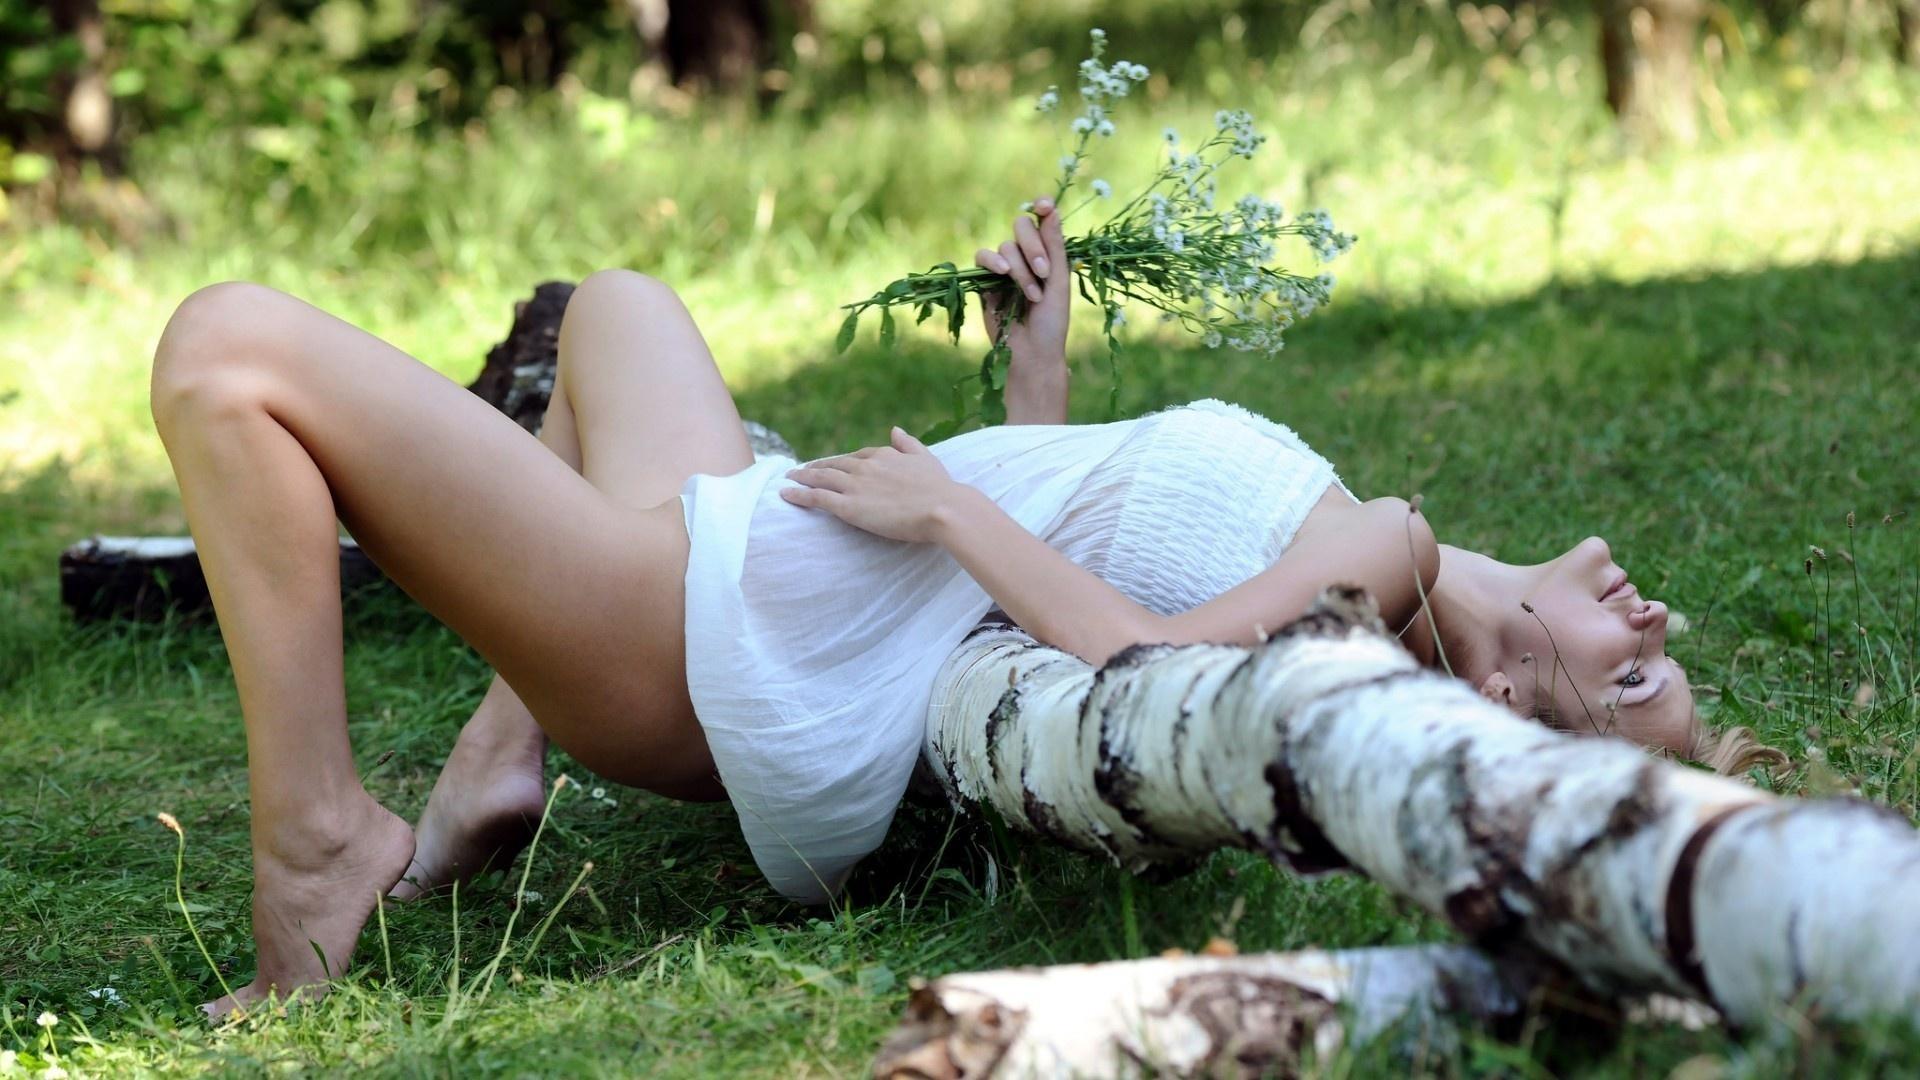 ГОЛЫЕ НА ПРИРОДЕ девушки и женщины   Голые в лесу